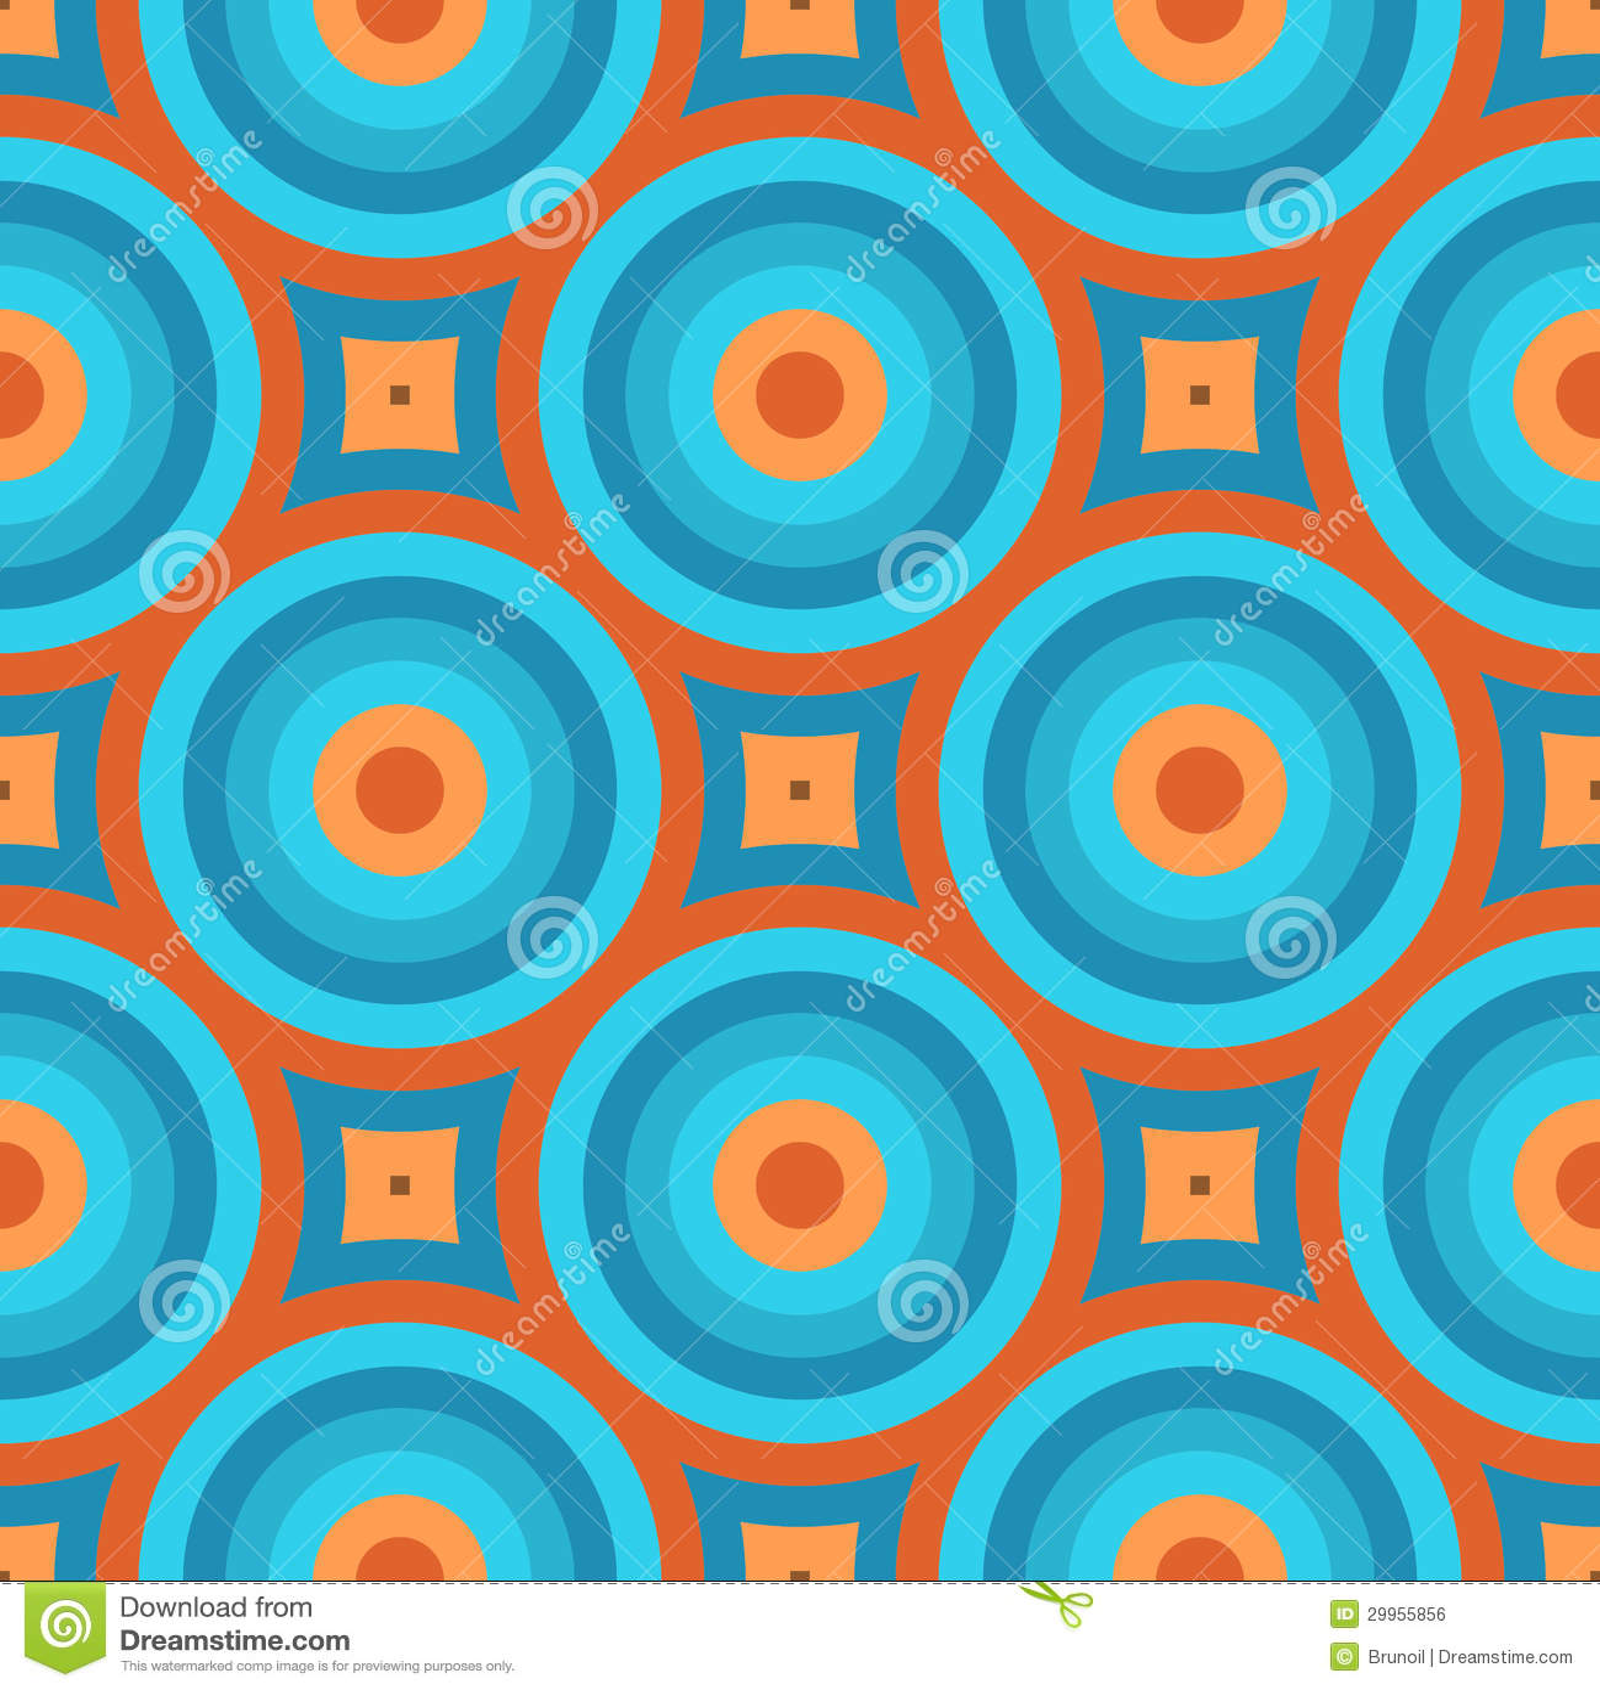 geometrische weinlese retro tapeten nahtlose muster illustration 29955856 - Retro Tapete Blau